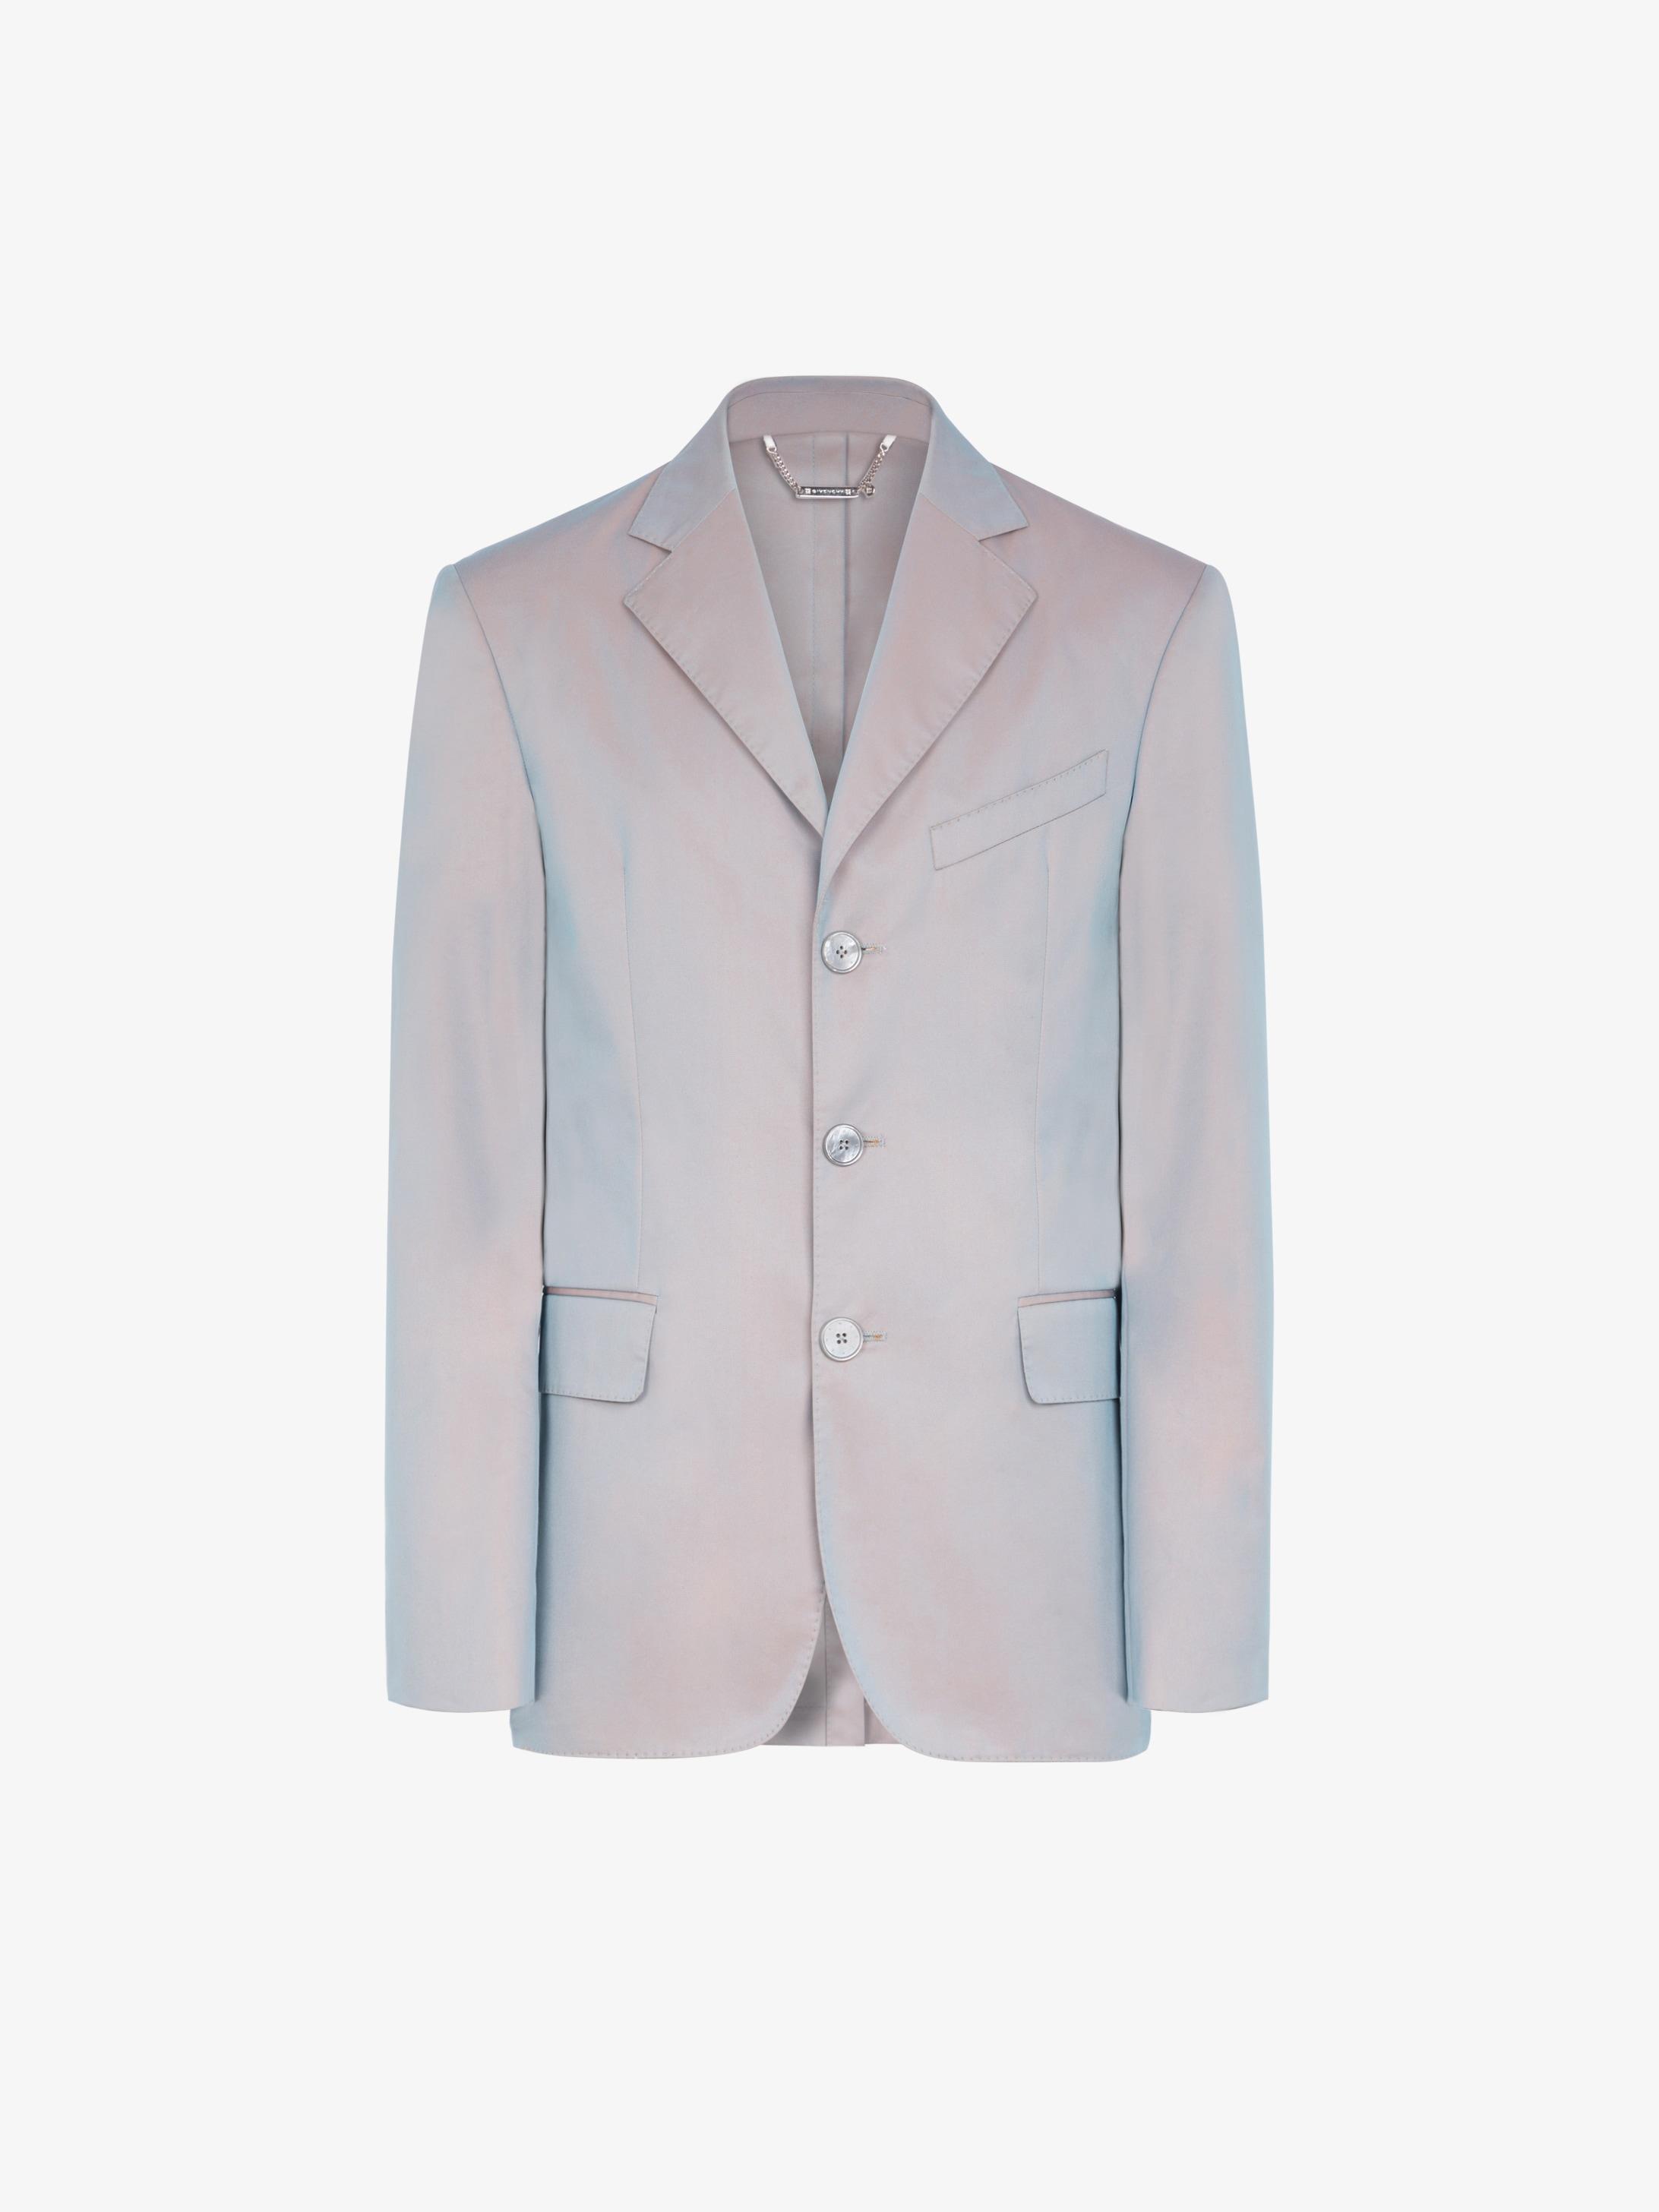 霓虹科技面料棉质夹克